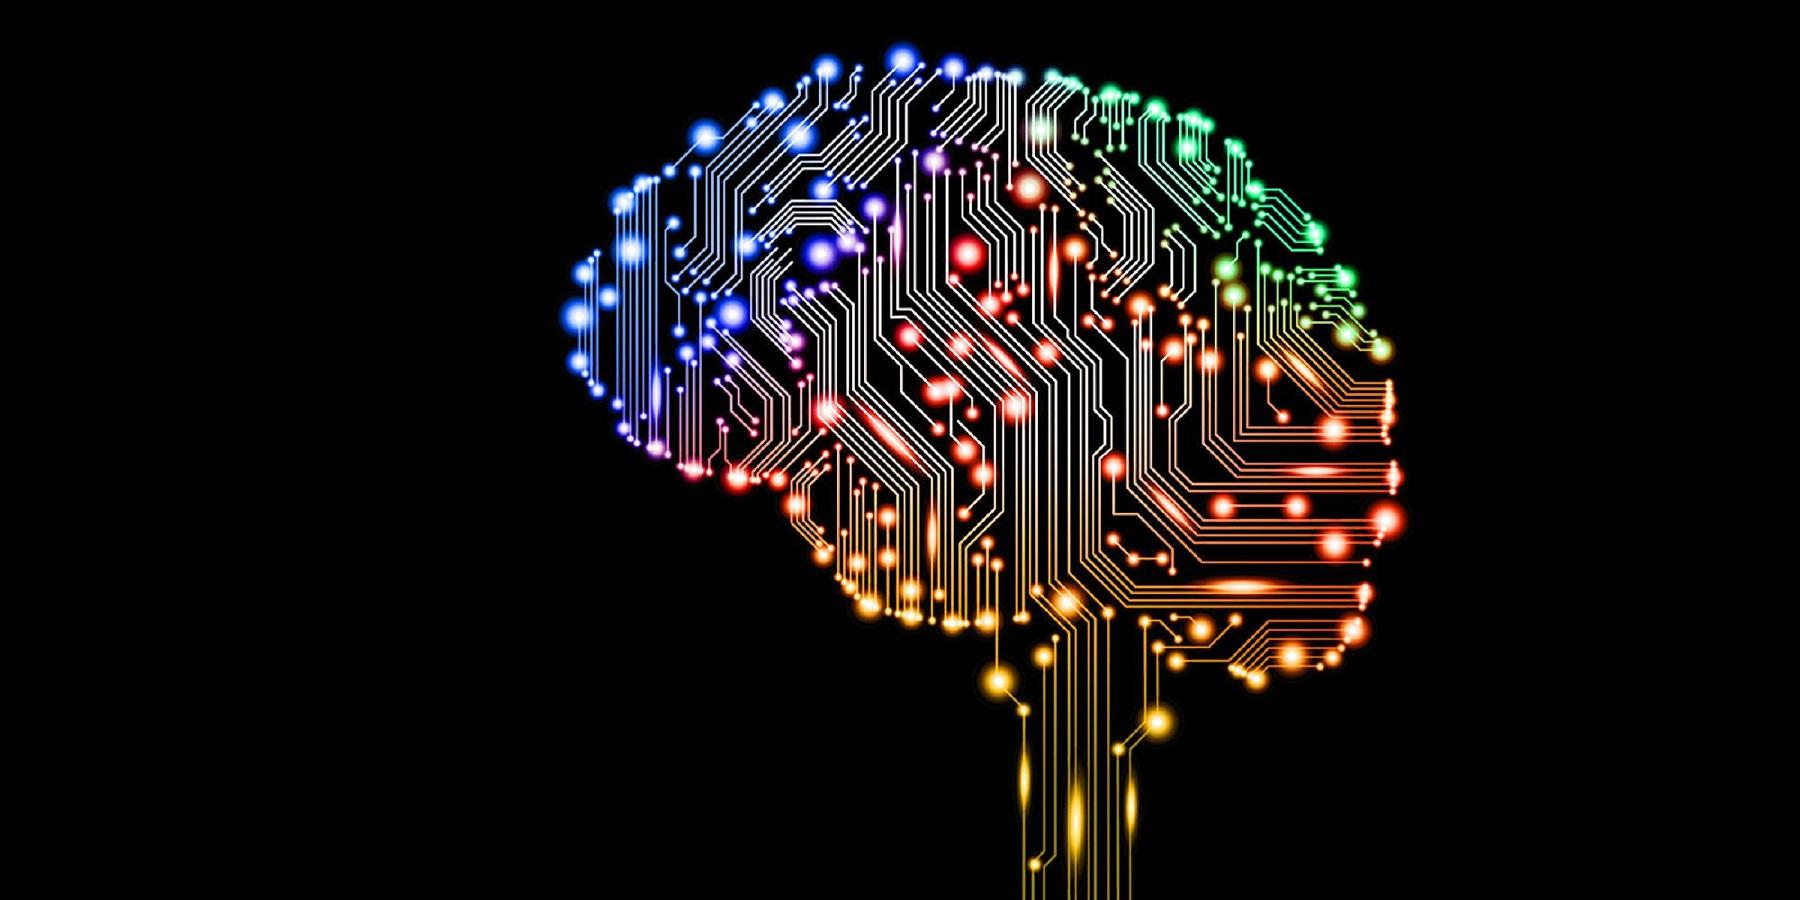 Илон Маск хочет связать мозг человека с компьютером - Neuralink